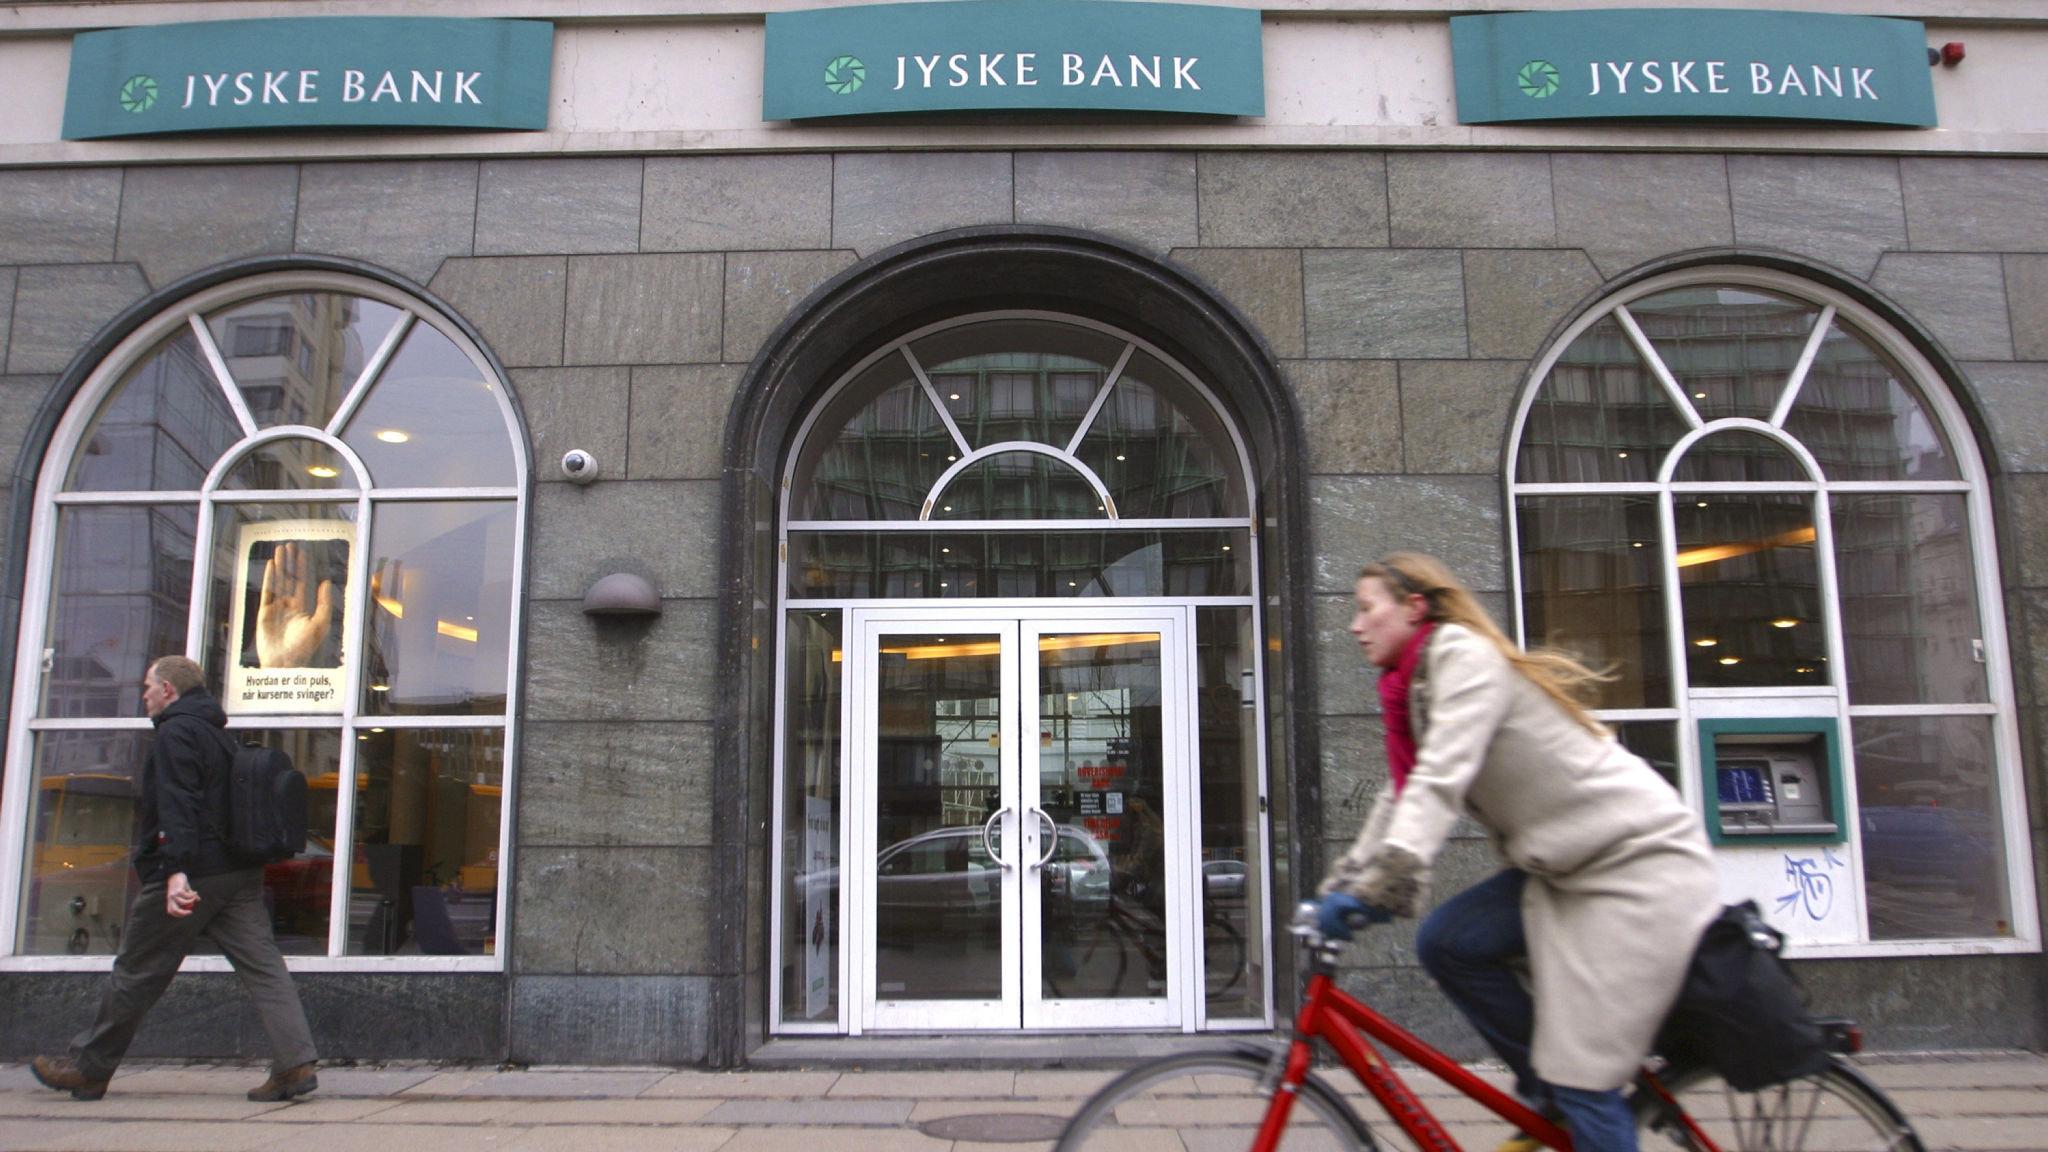 jyske bank denmark